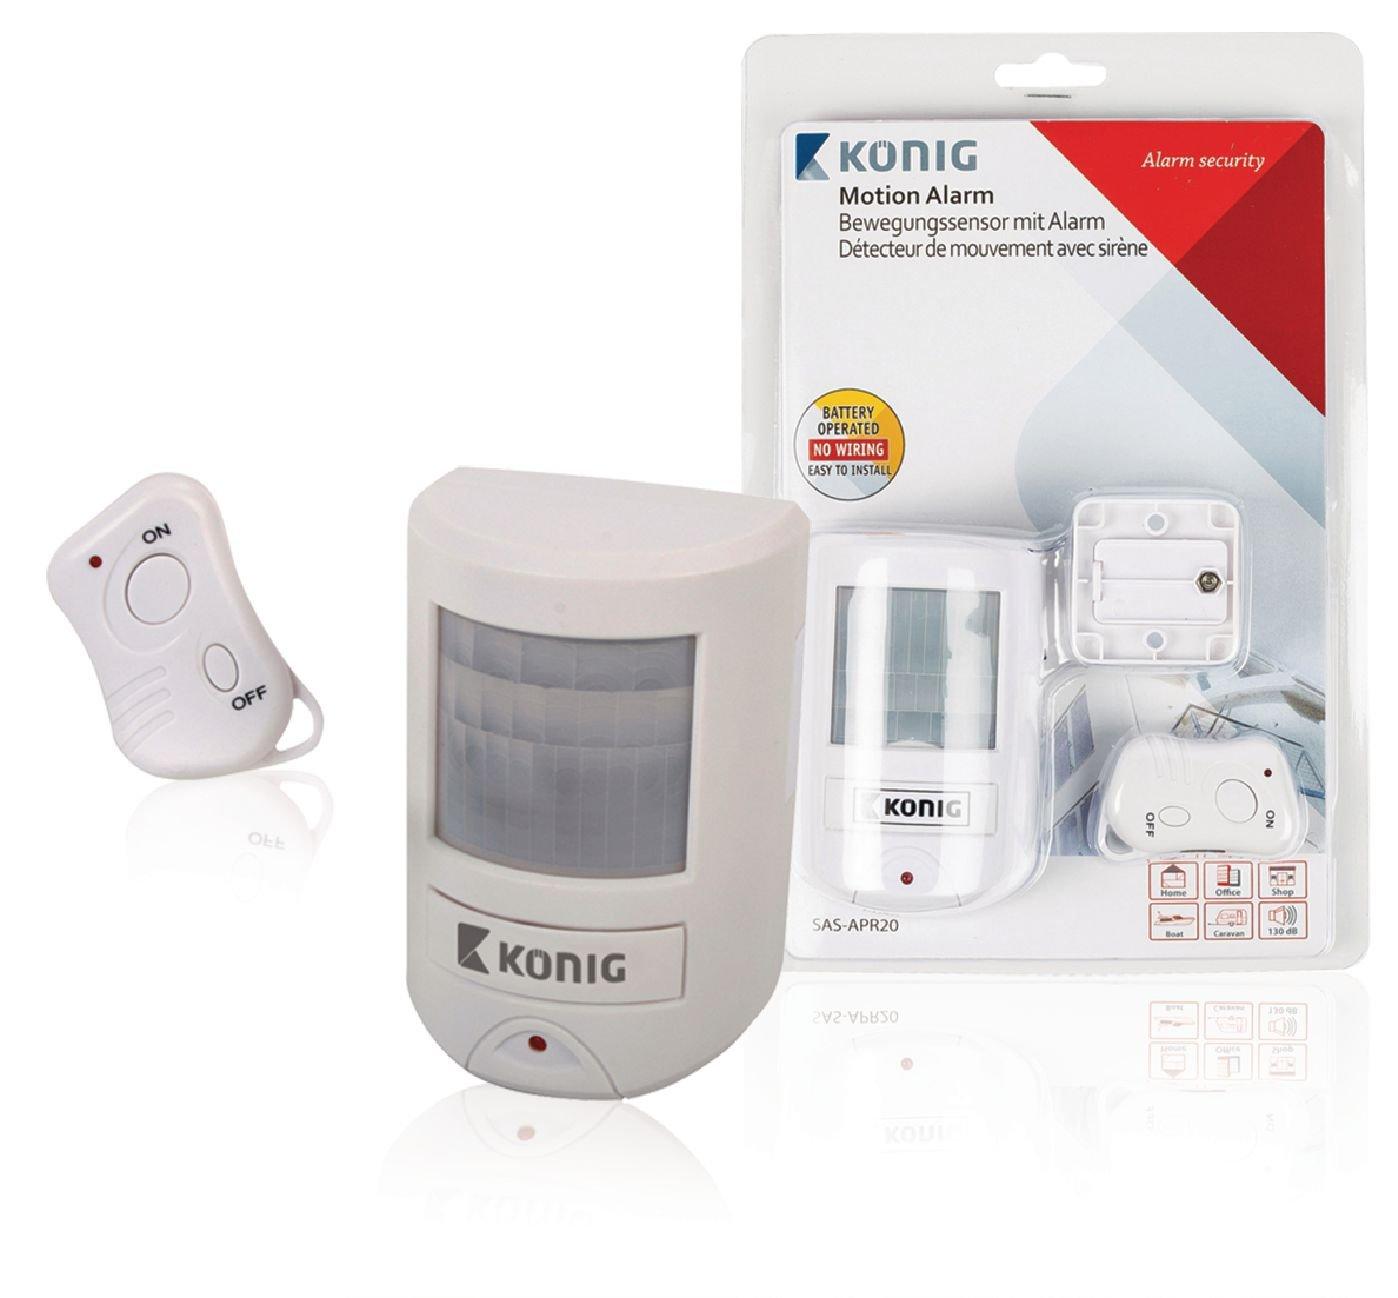 Konig SASAPR20 Detector DE Movimiento con AL: Amazon.es: Bricolaje y herramientas